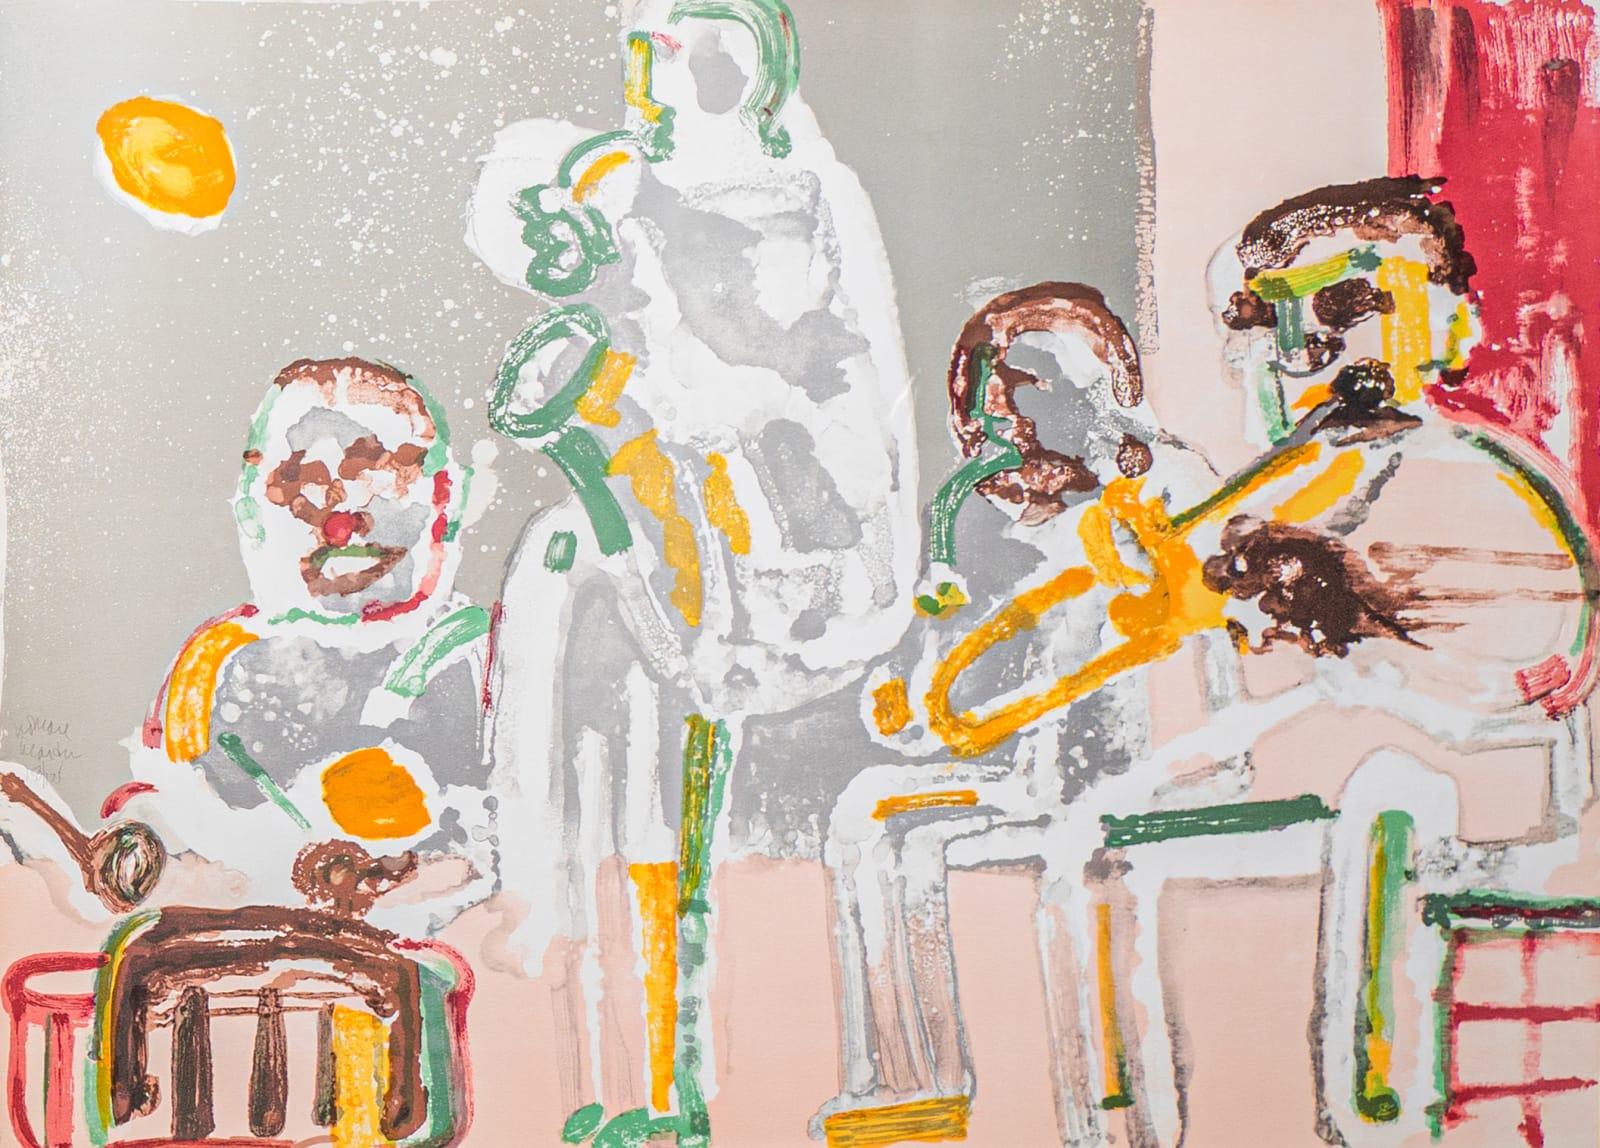 Romare Bearden, TENOR SERMON (SOLO PLAYER), 1979